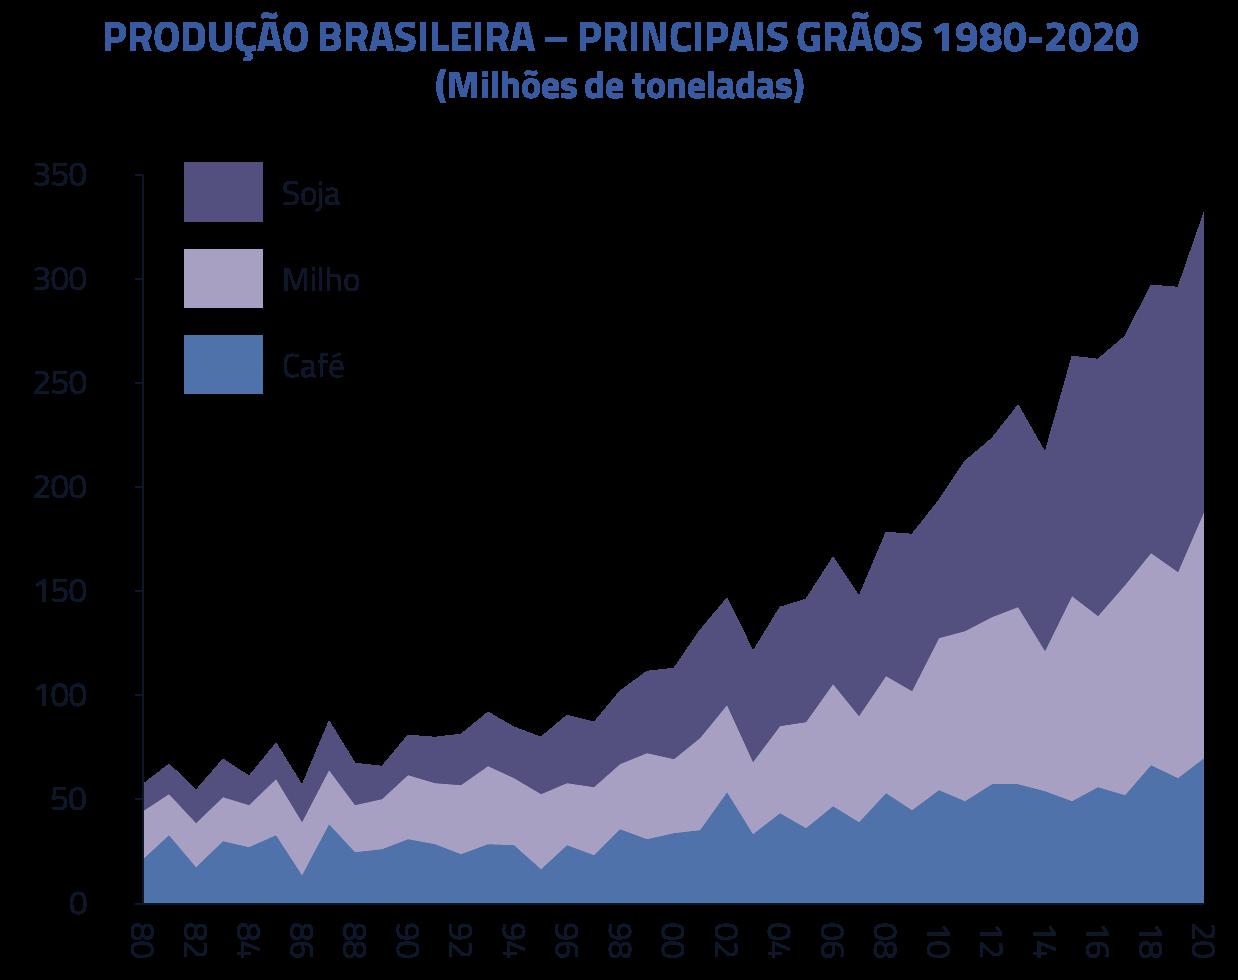 Produção Brasileira - Principais grãos 1980-2020